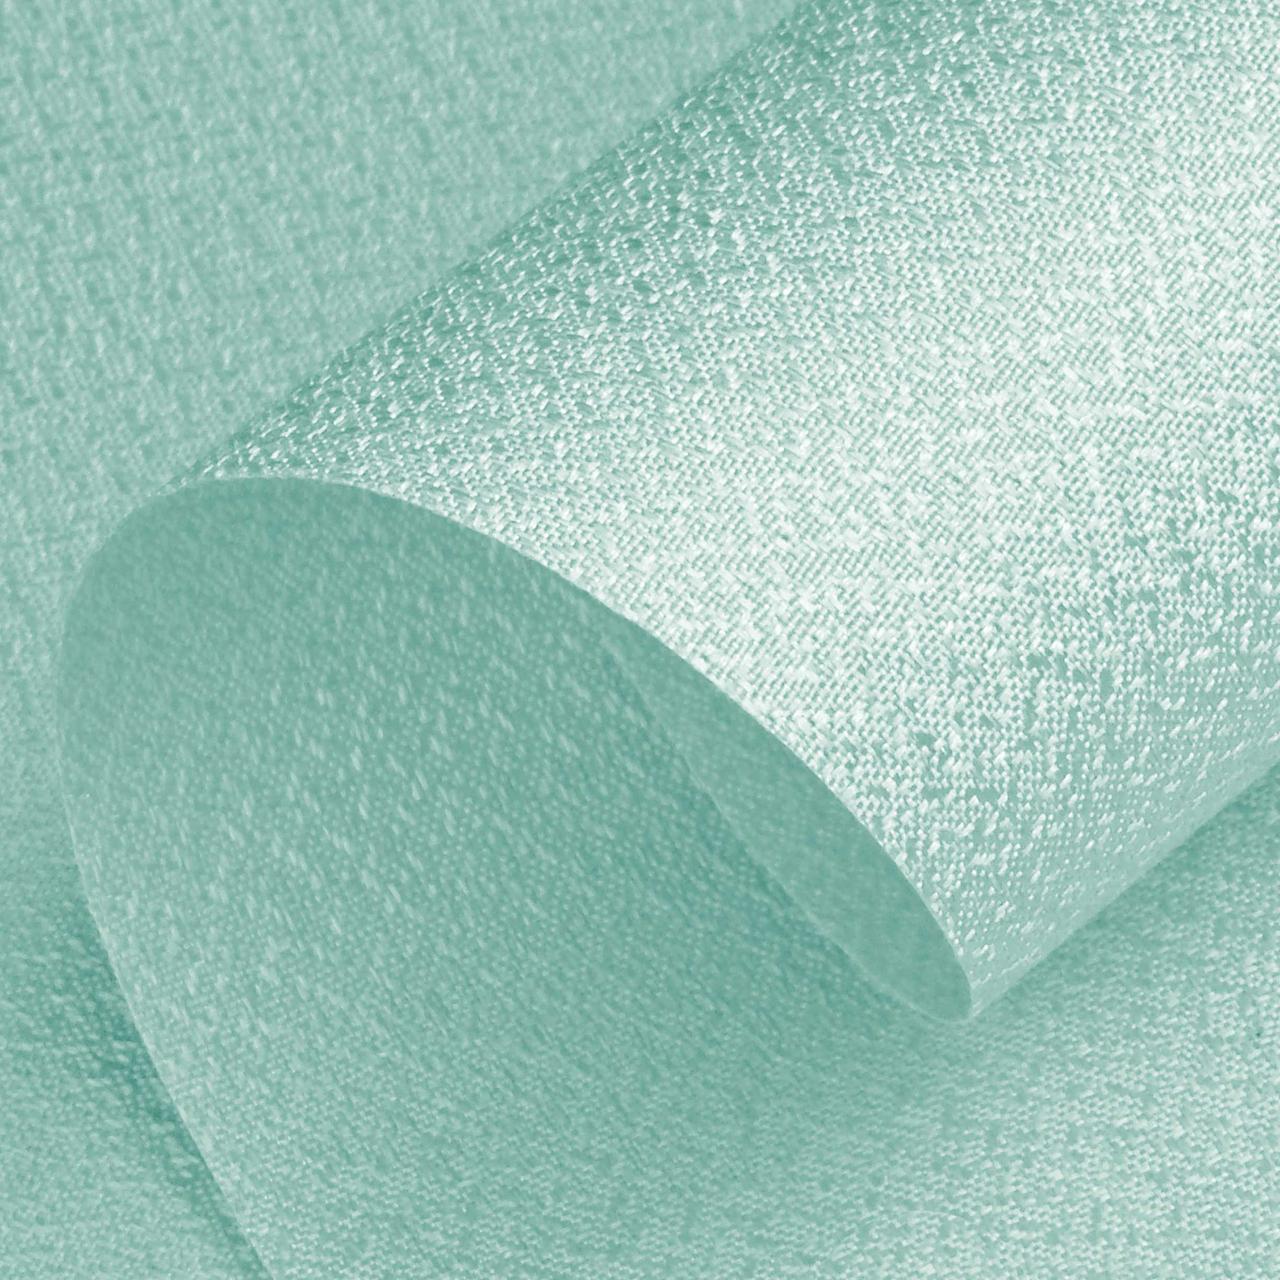 Рулонні штори Pearl. Тканинні ролети Перл 160, Ментоловий 21